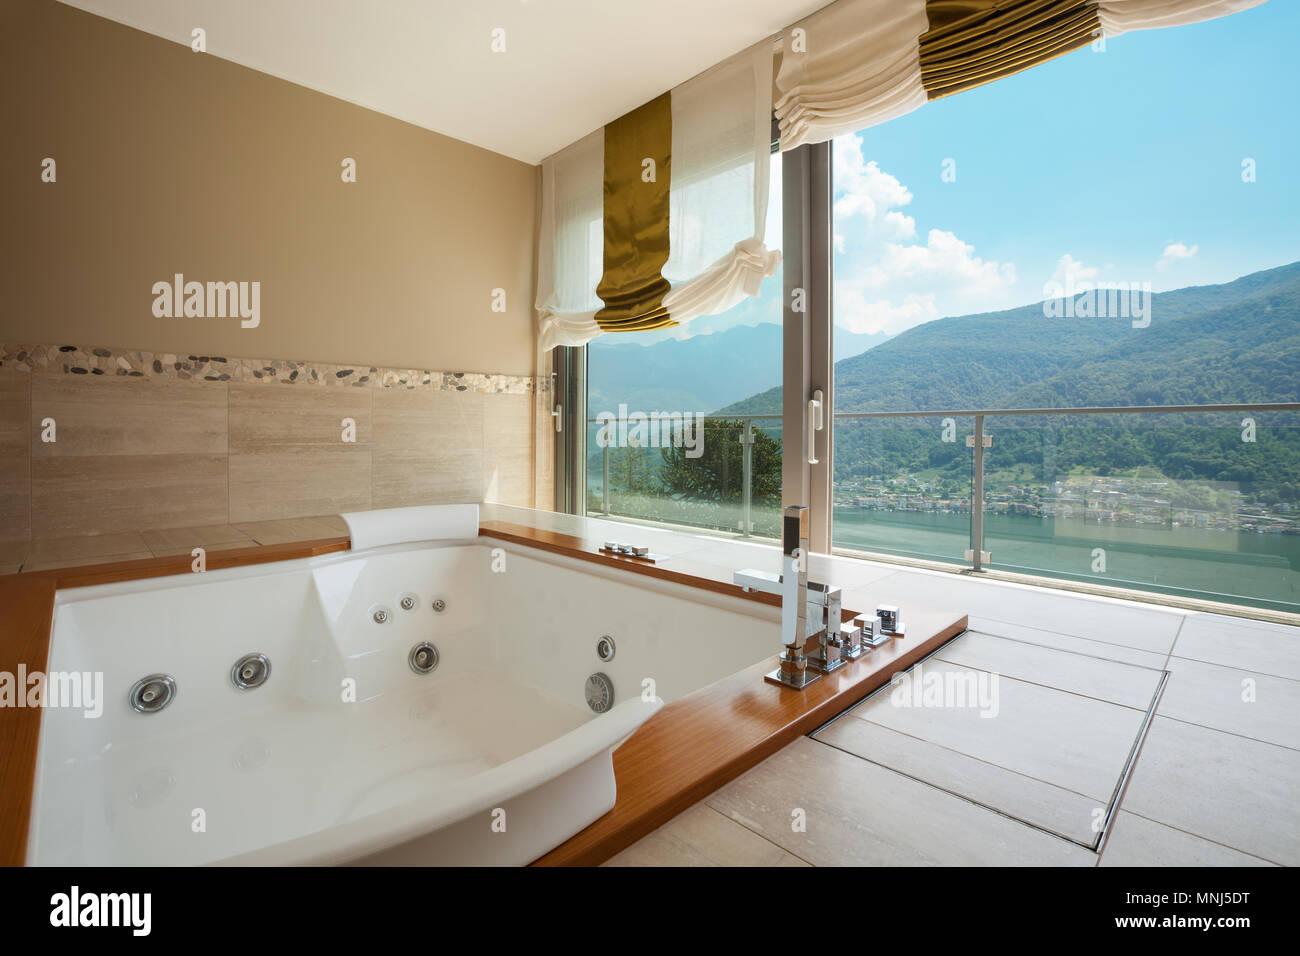 Innenraum Der Luxus Apartment Moblierte Komfortable Badezimmer Mit